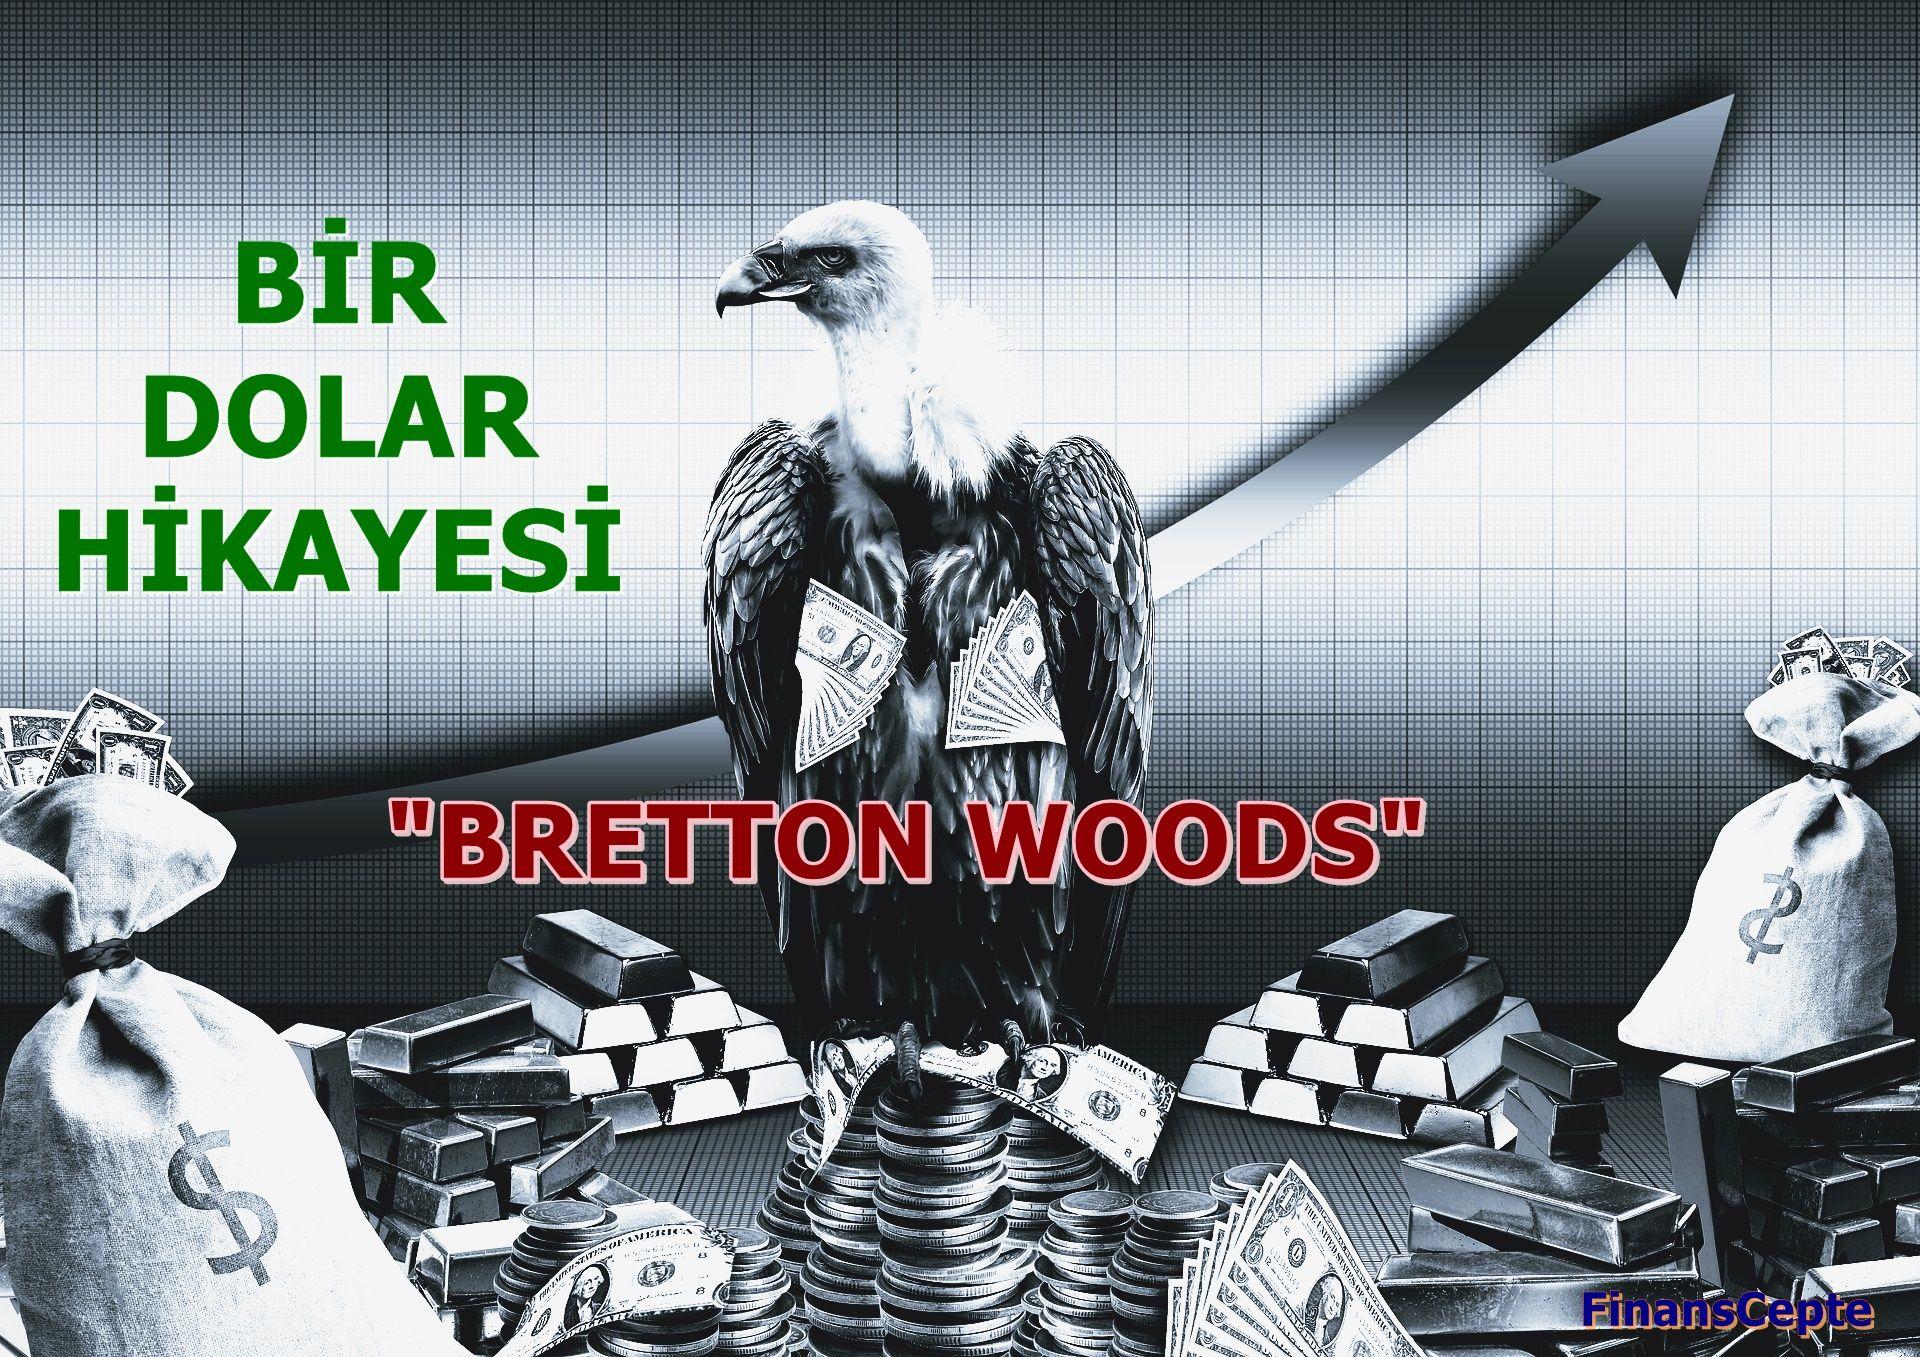 BİR DOLAR HİKAYESİ: BRETTON WOODS